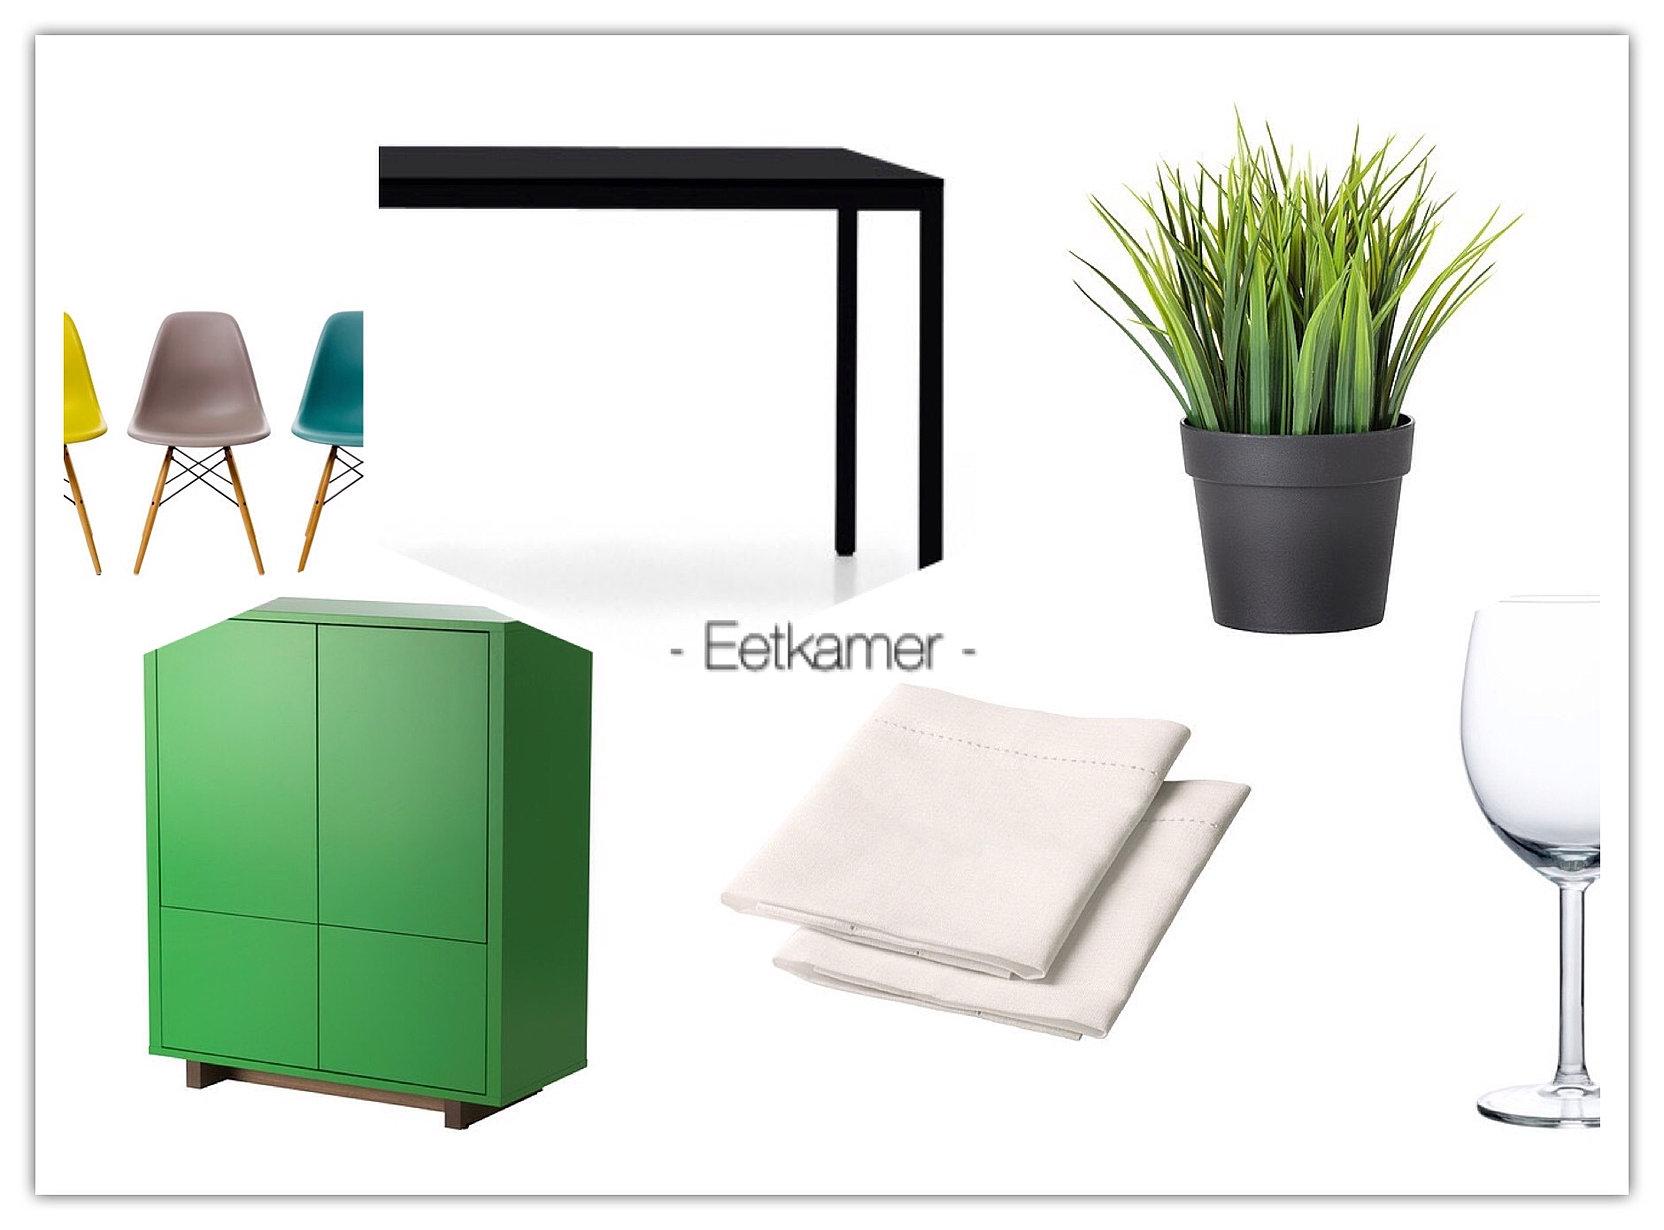 Design meubelen homestaging emni   vastgoedstyling   verkoopsklaa